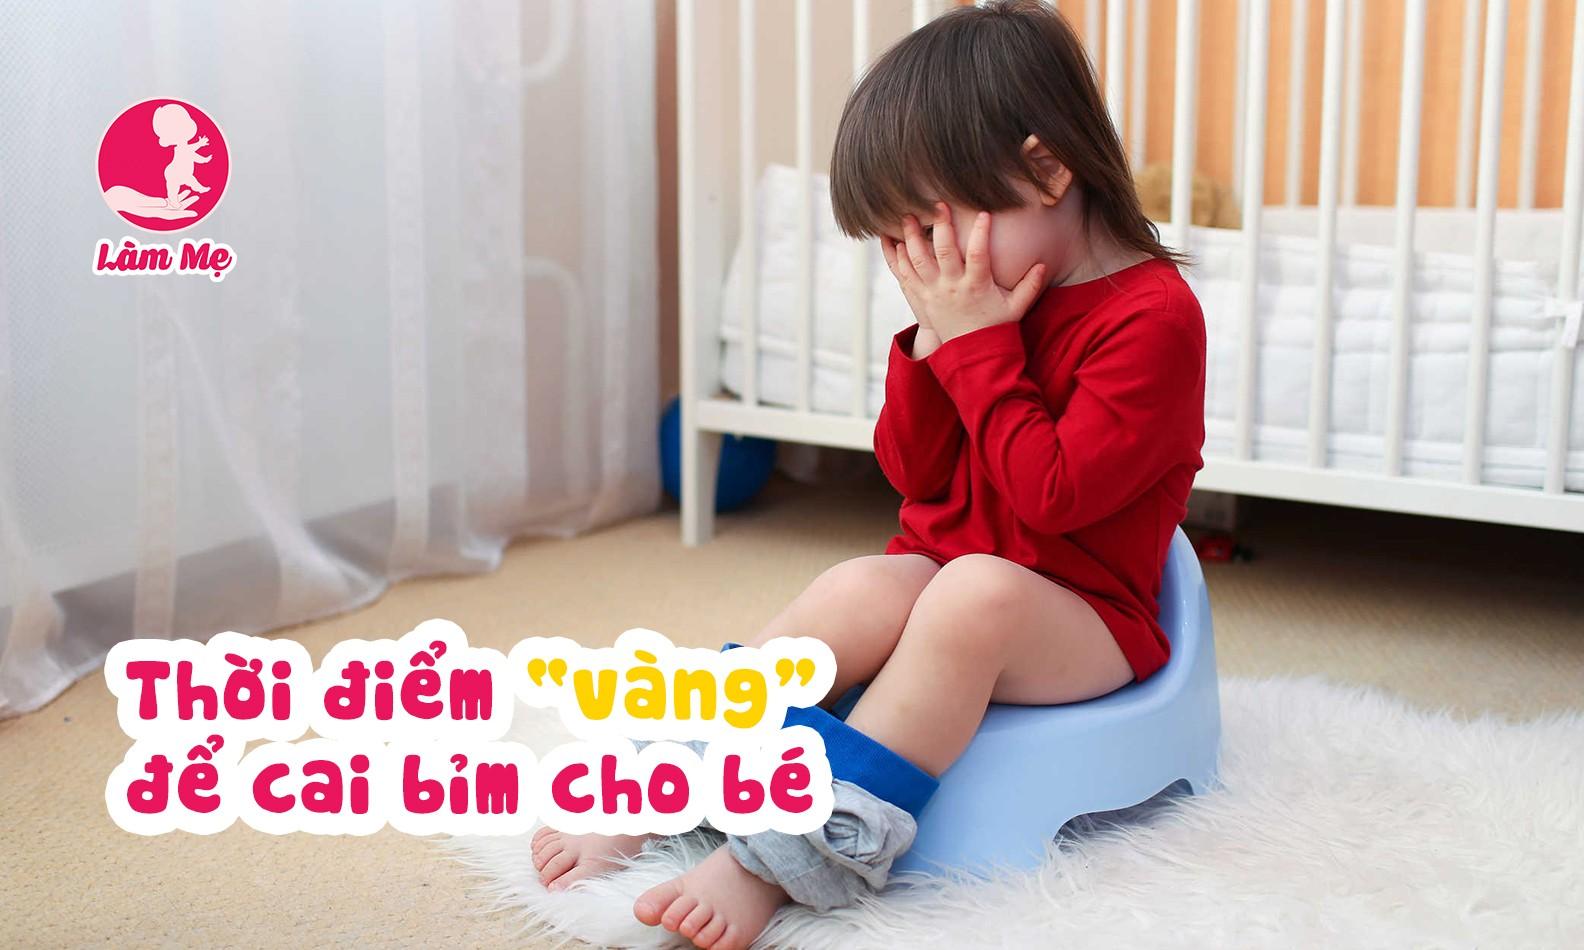 Khi nào mẹ nên cai bỉm cho bé?